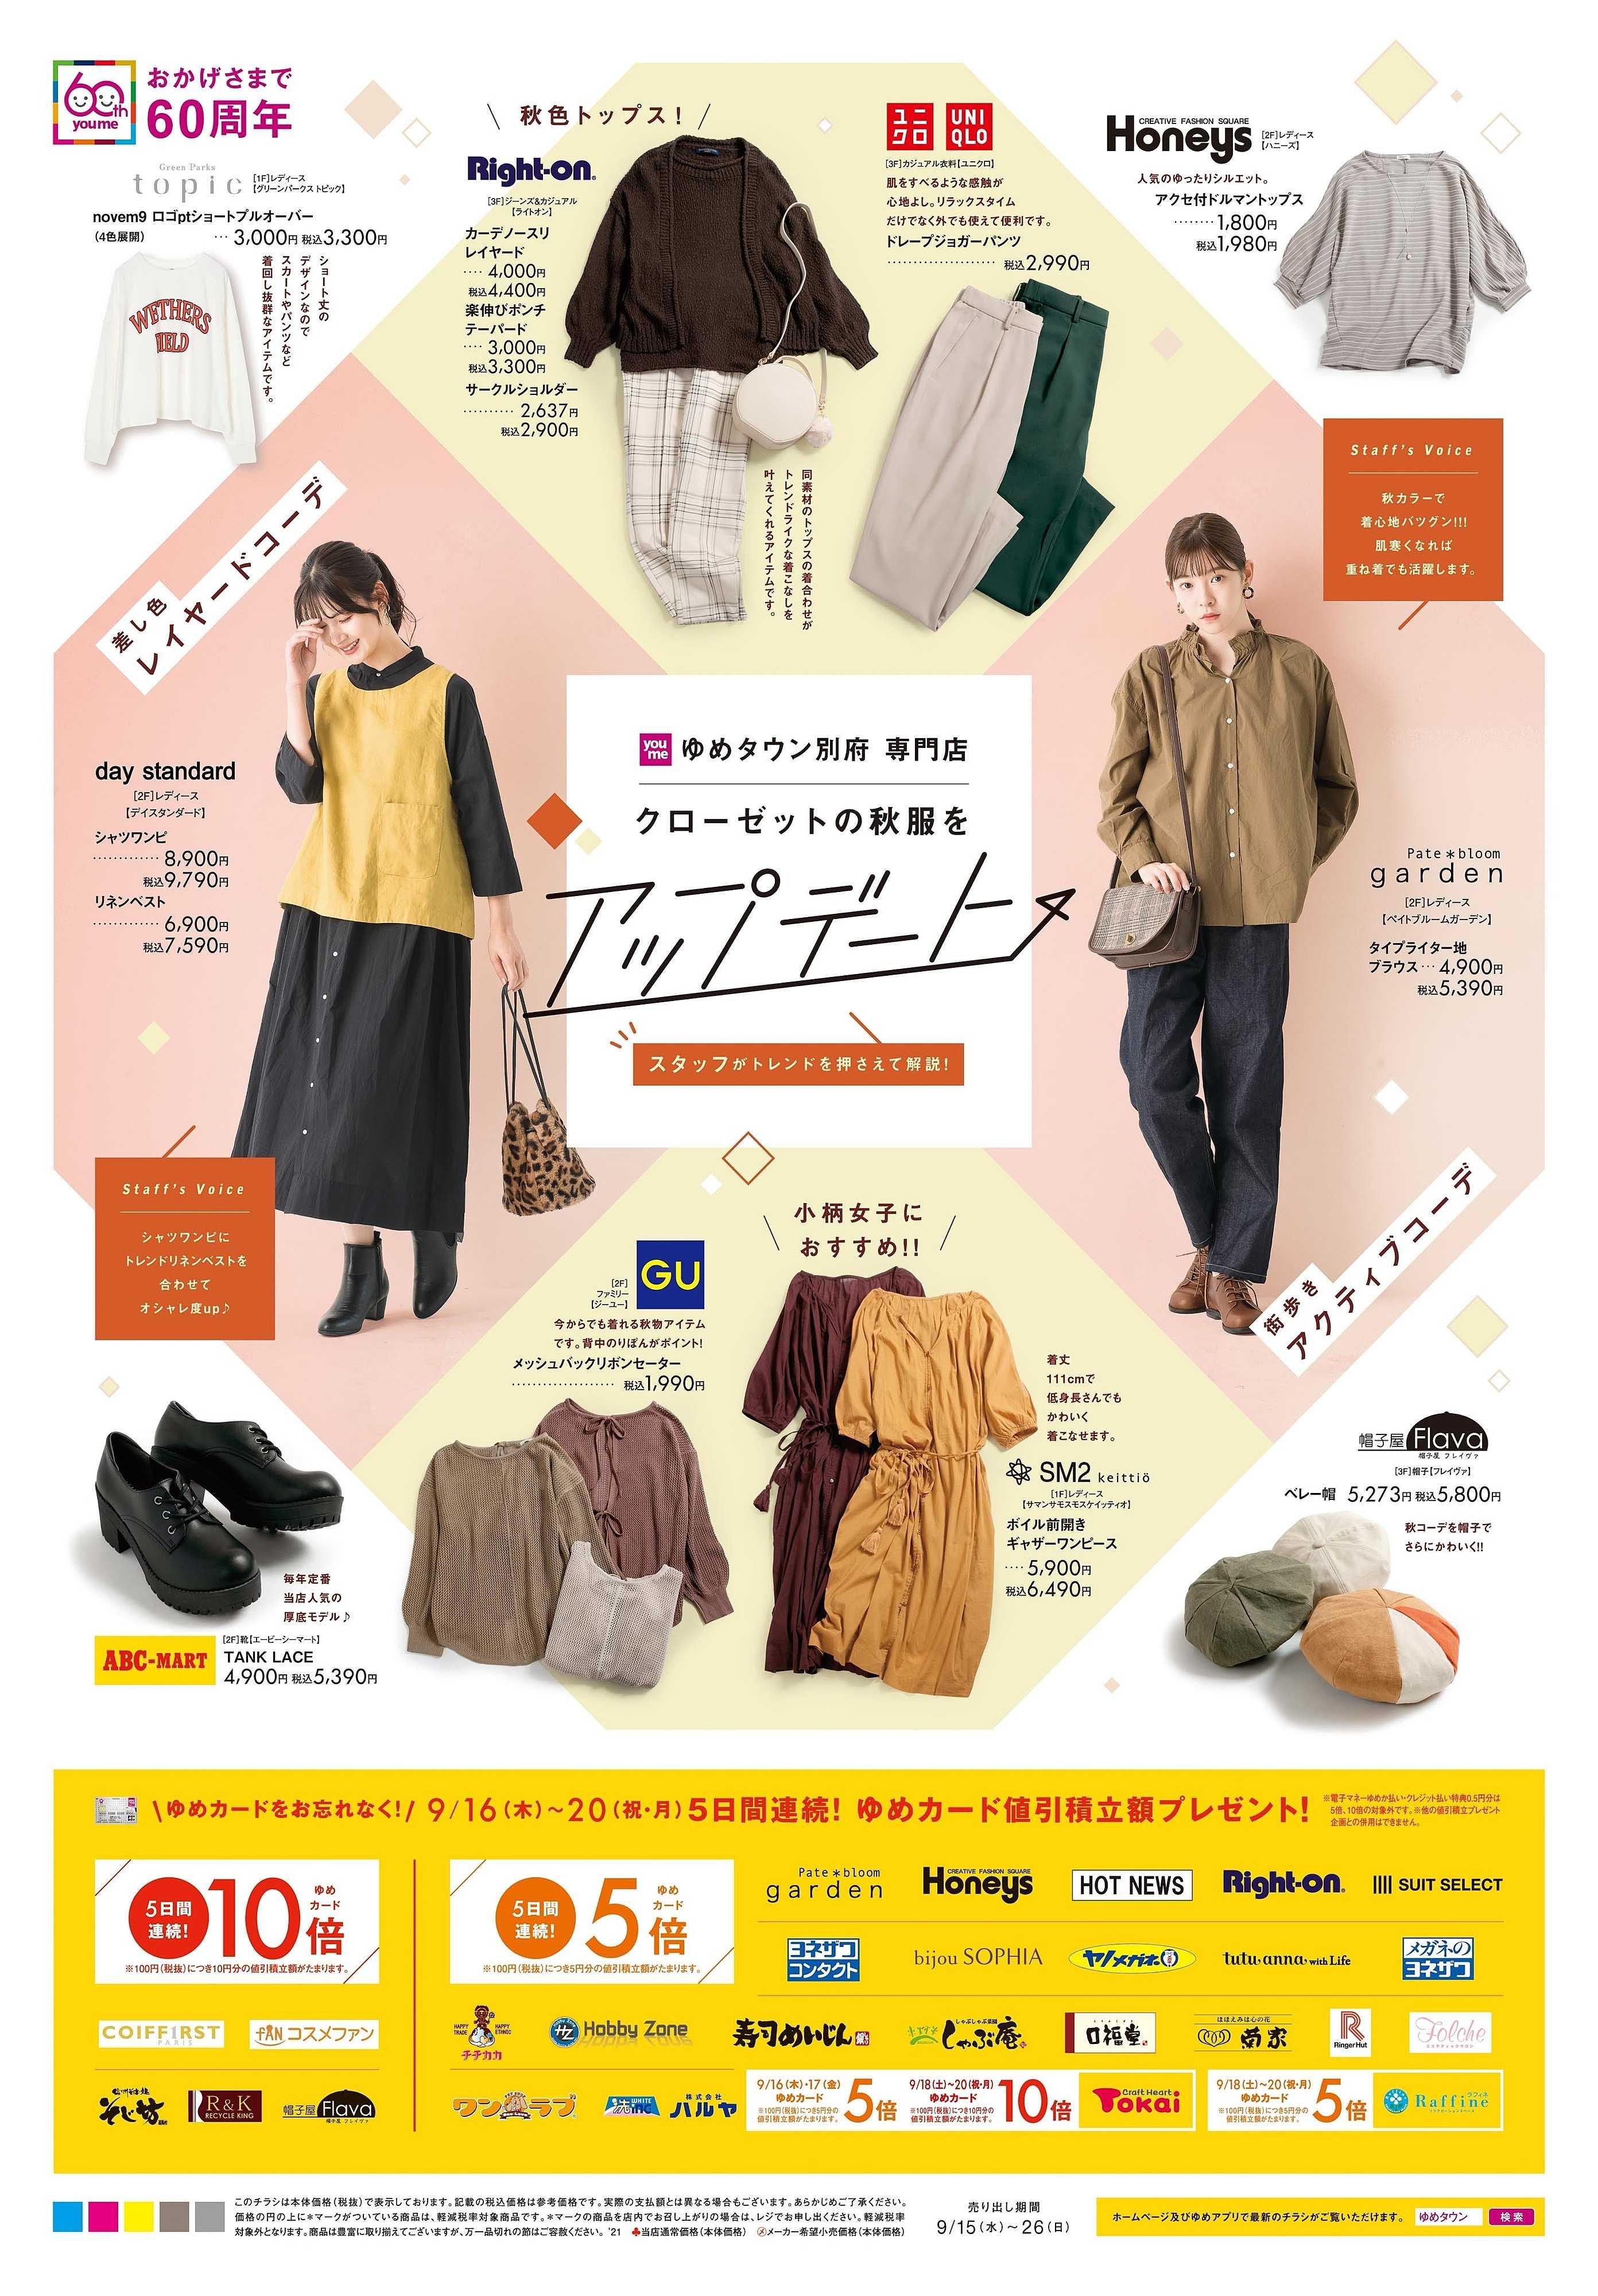 ゆめタウン 9/15(水)-9/26(日)